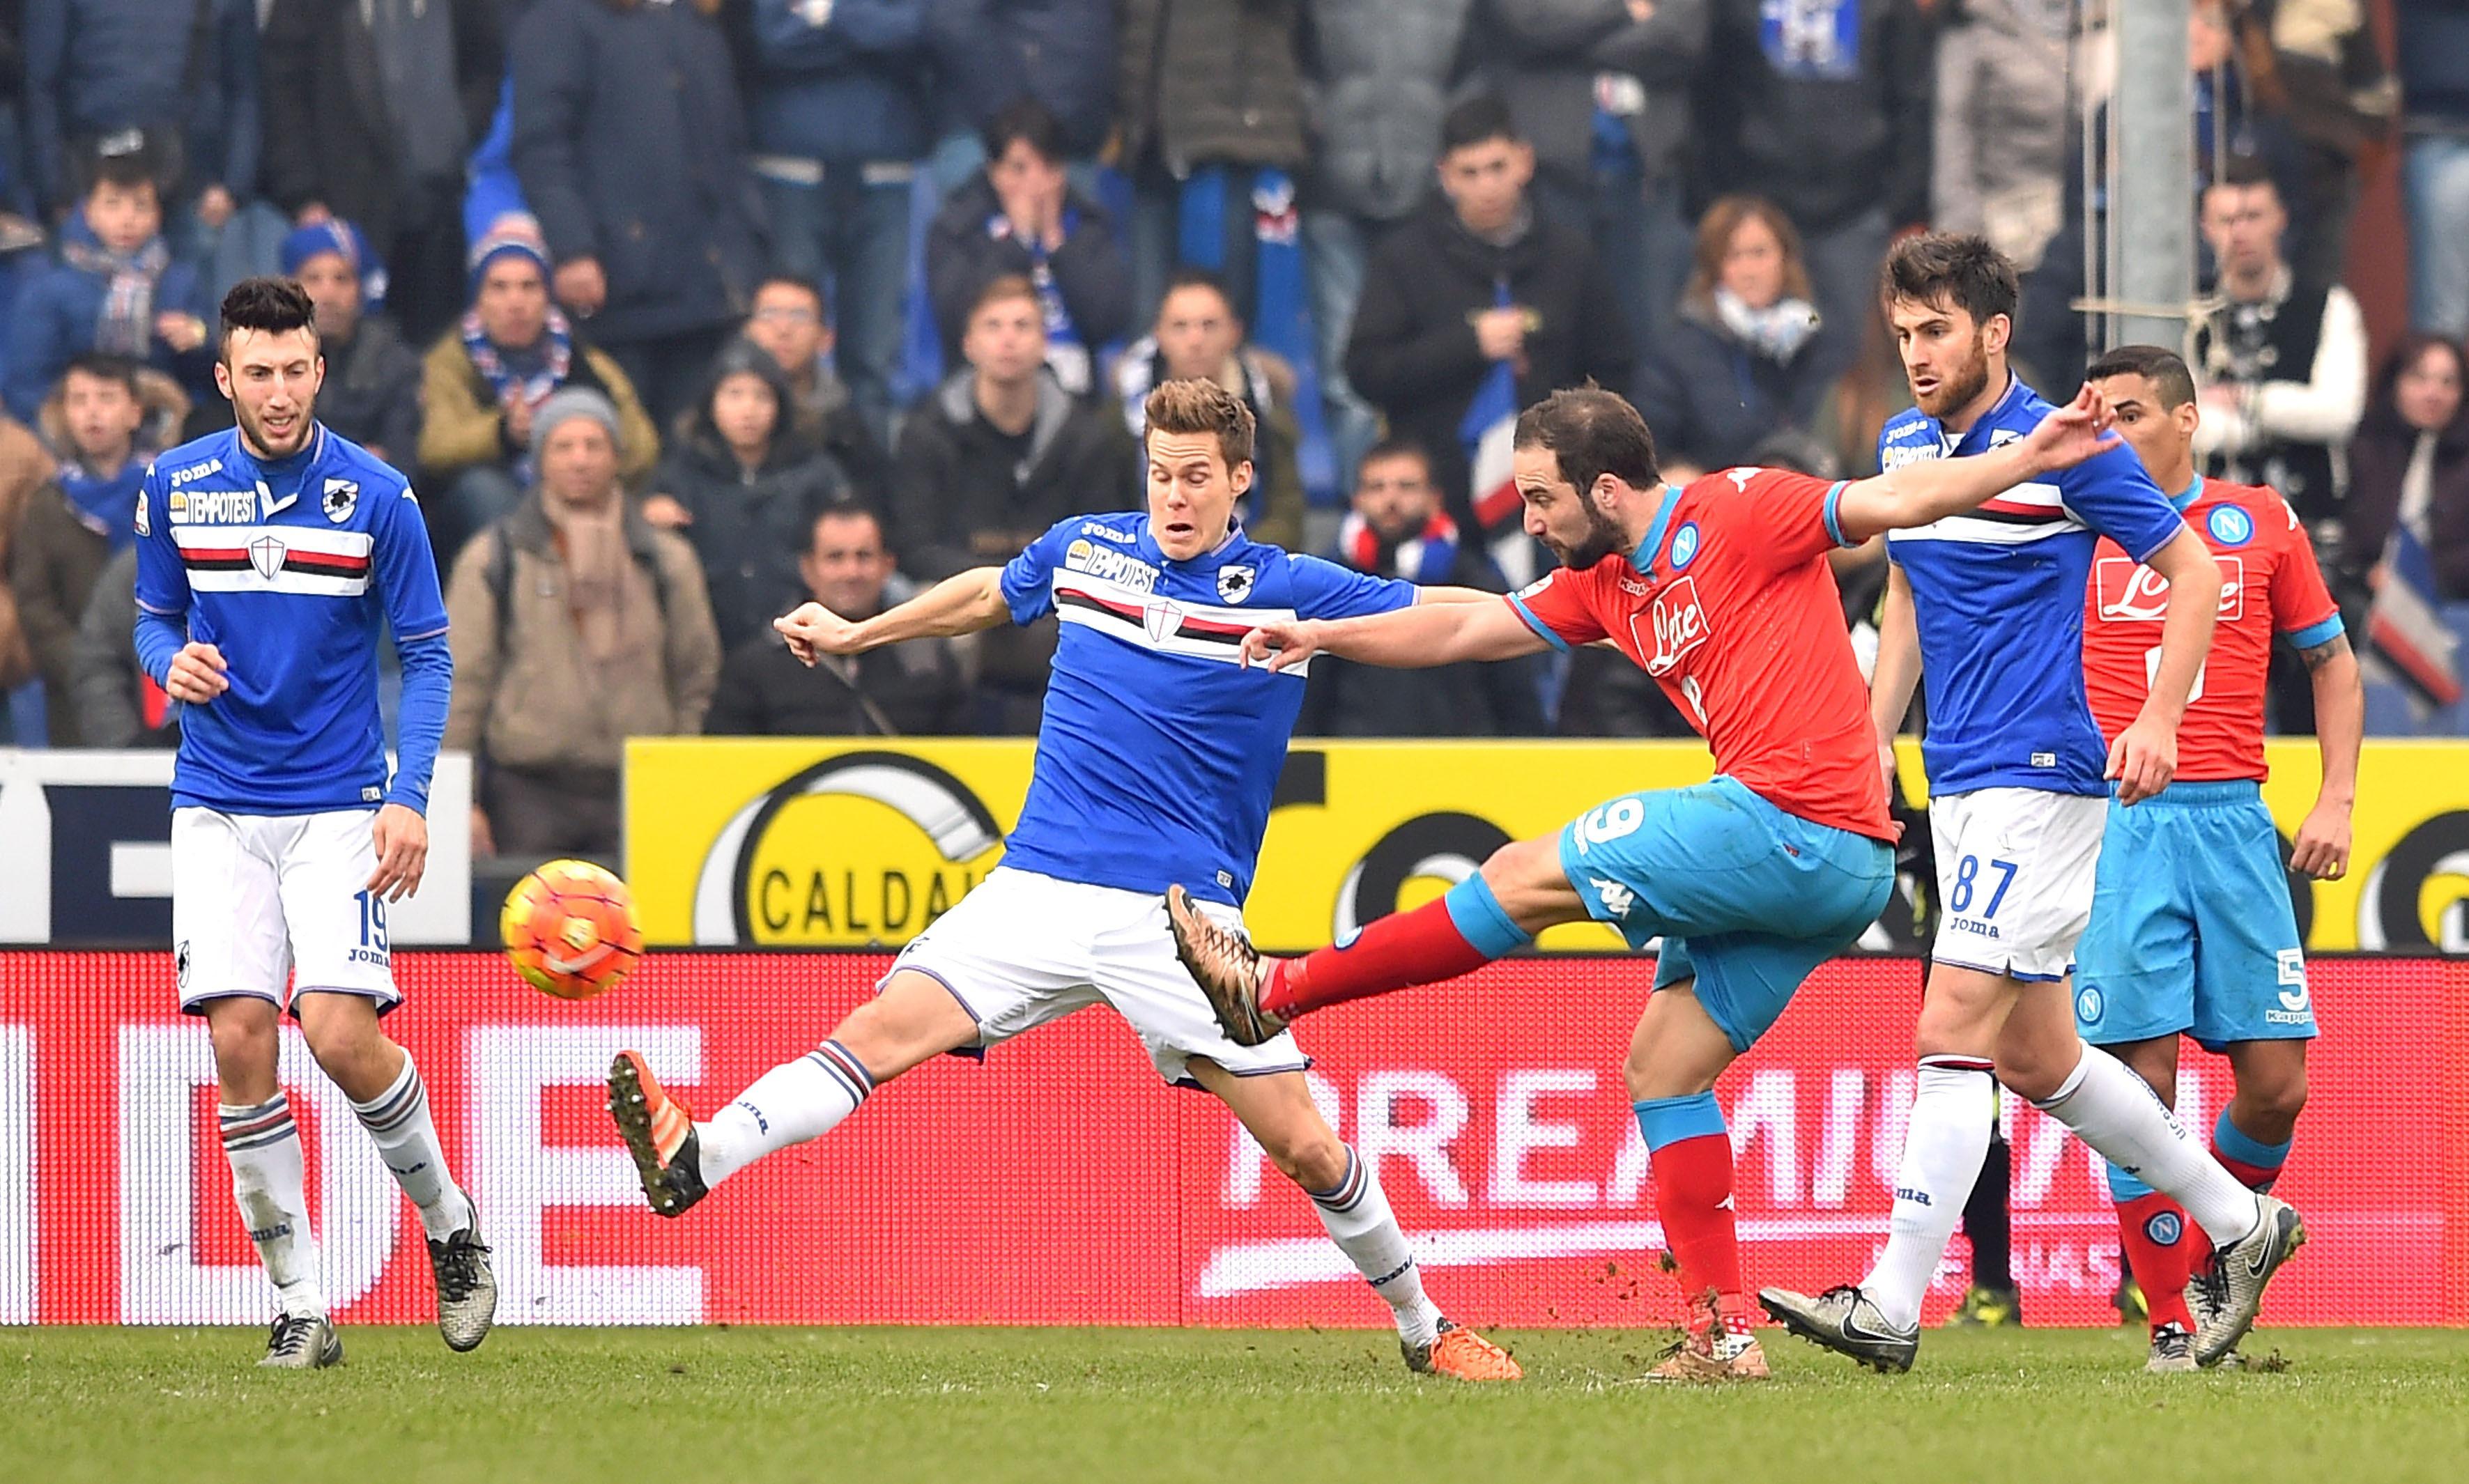 Un momento della sfida di ieri da Sampdoria e Napoli a Marassi, terminata 4-2 per i partenopei